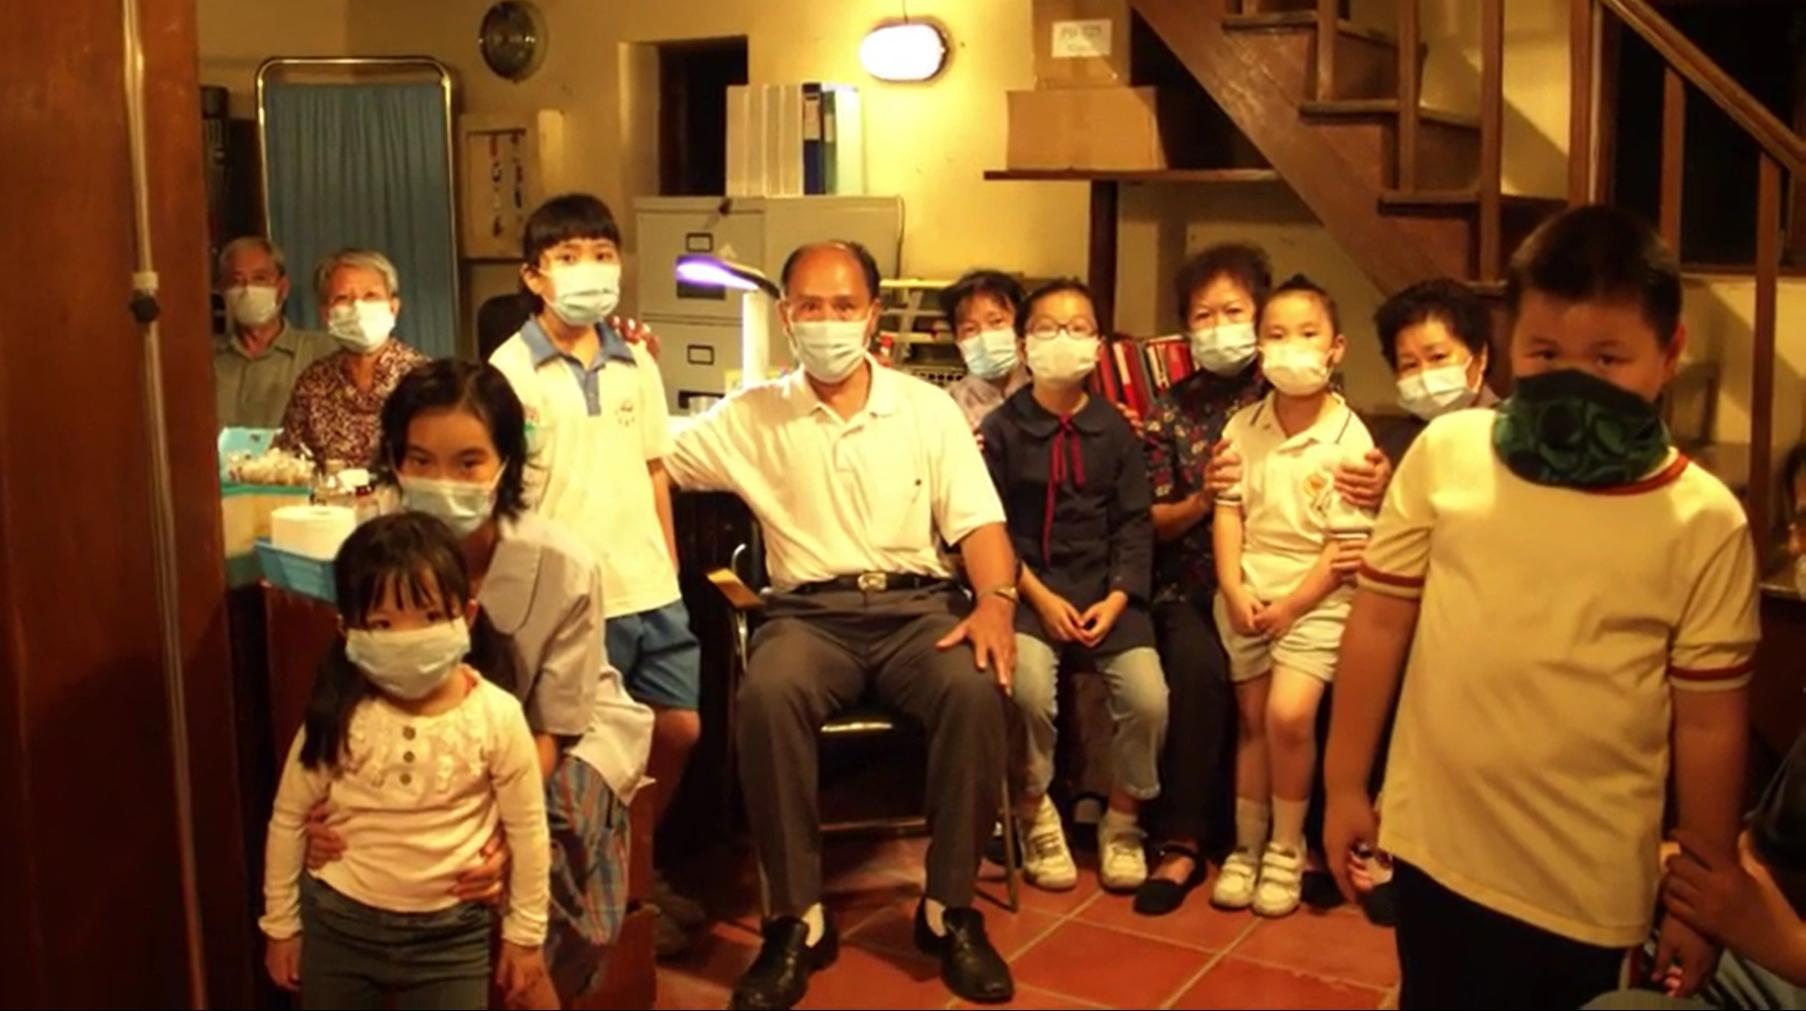 kadr z filmu CONTAGION - EPIDEMIA STRACHU |Contagion, 2011, reż. Steven Soderbergh